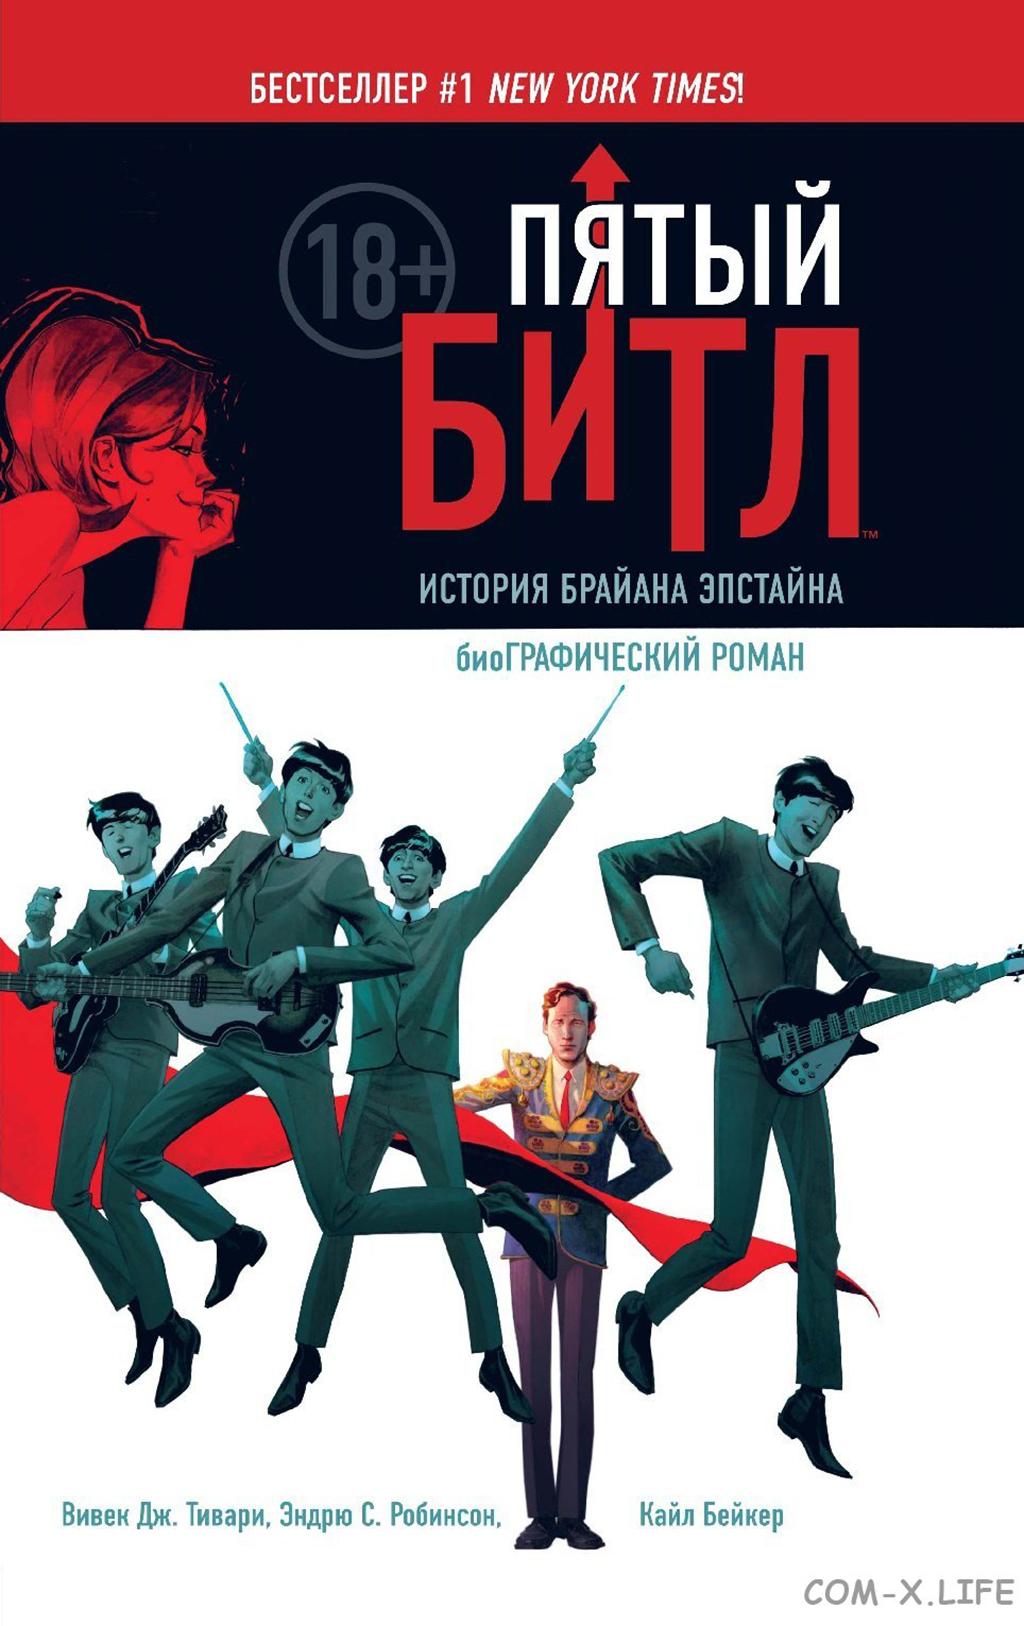 Комикс Пятый Битл: История Брайана Эпстайна